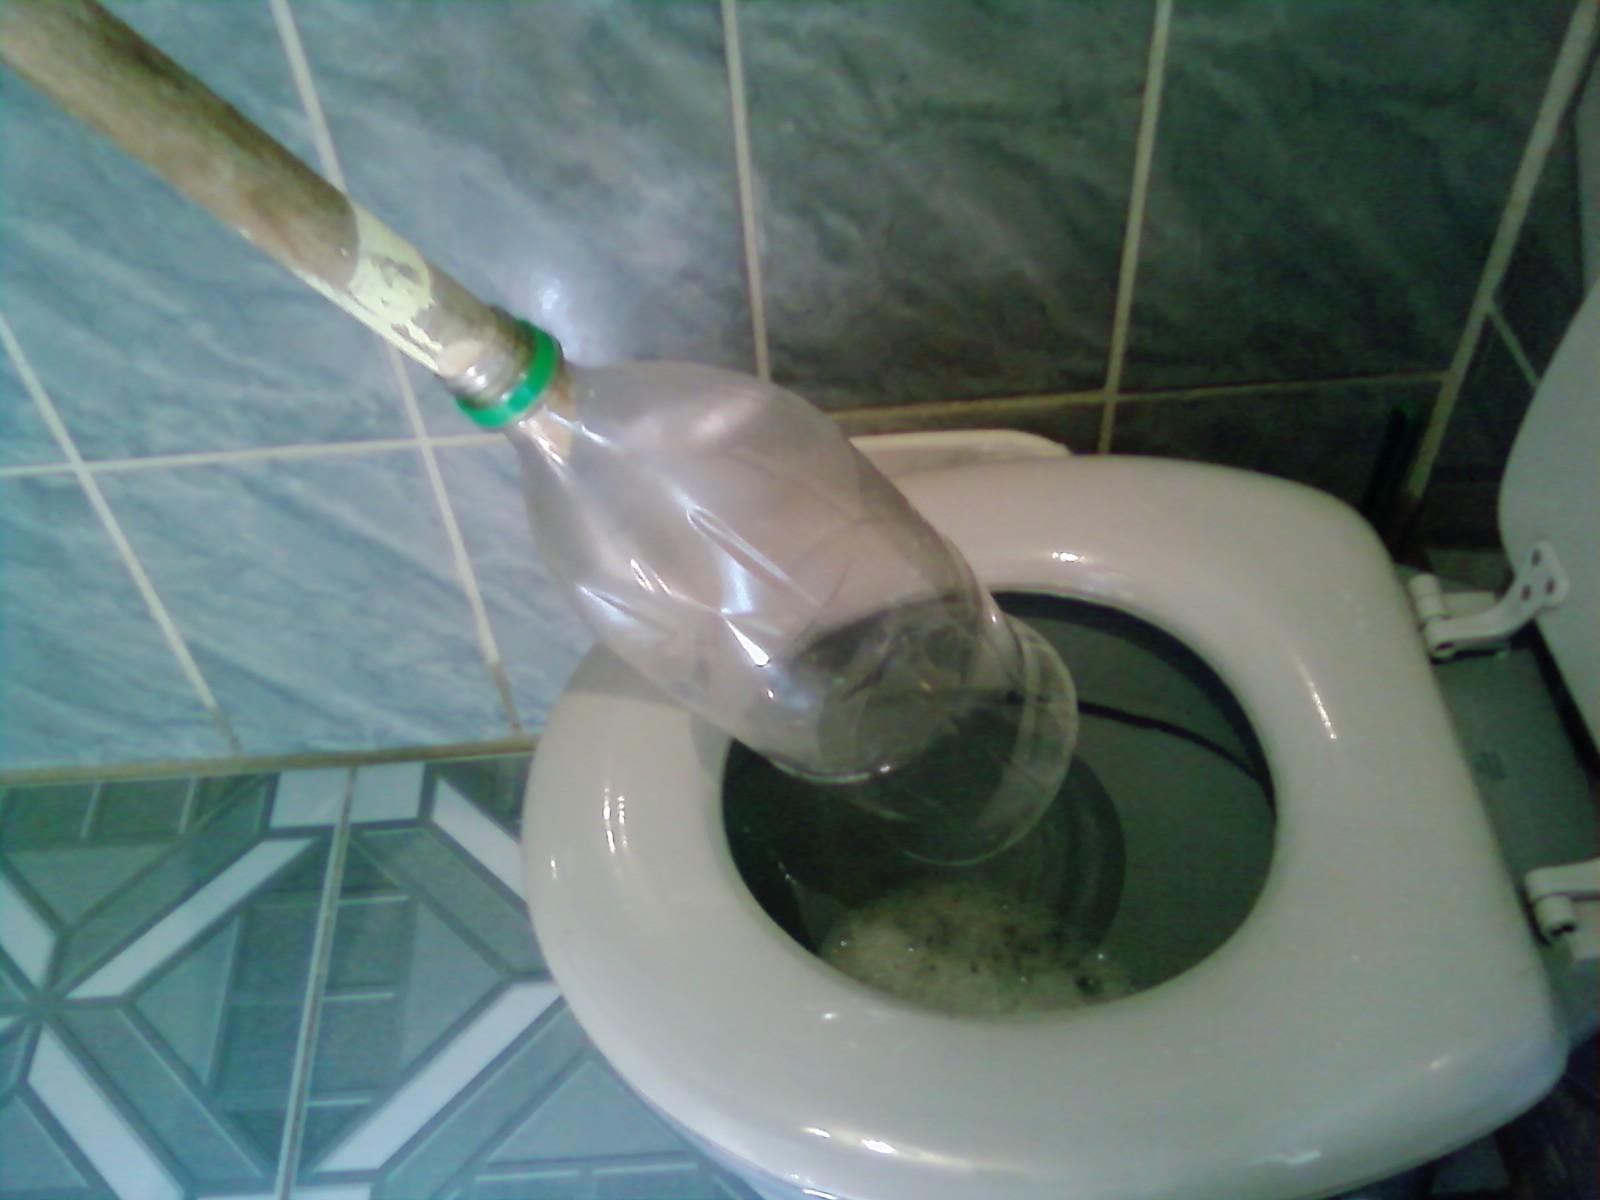 Viver Naturalmente: Desentupidor de vaso sanitário feito com garrafa  #476E70 1600x1200 Banheiro Com Cheiro De Esgoto O Que Fazer